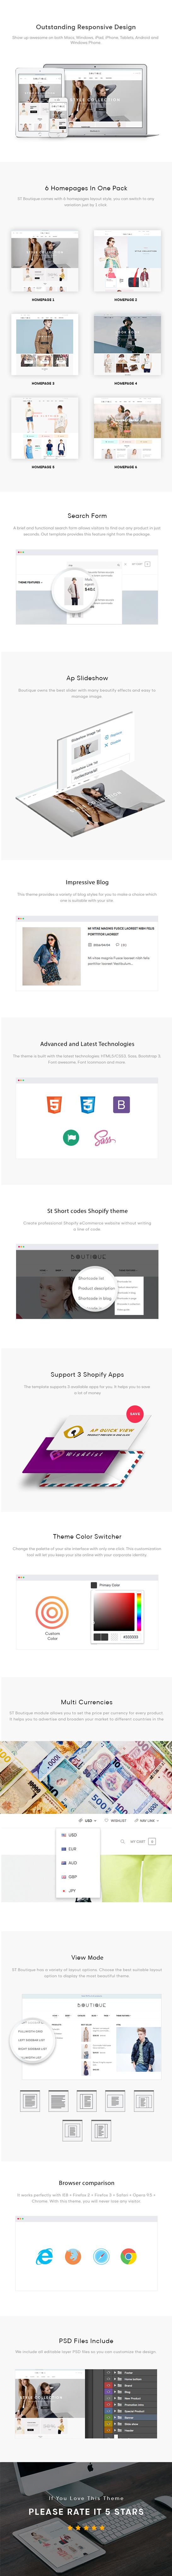 ST Boutique Shopify Theme FEATURES lists